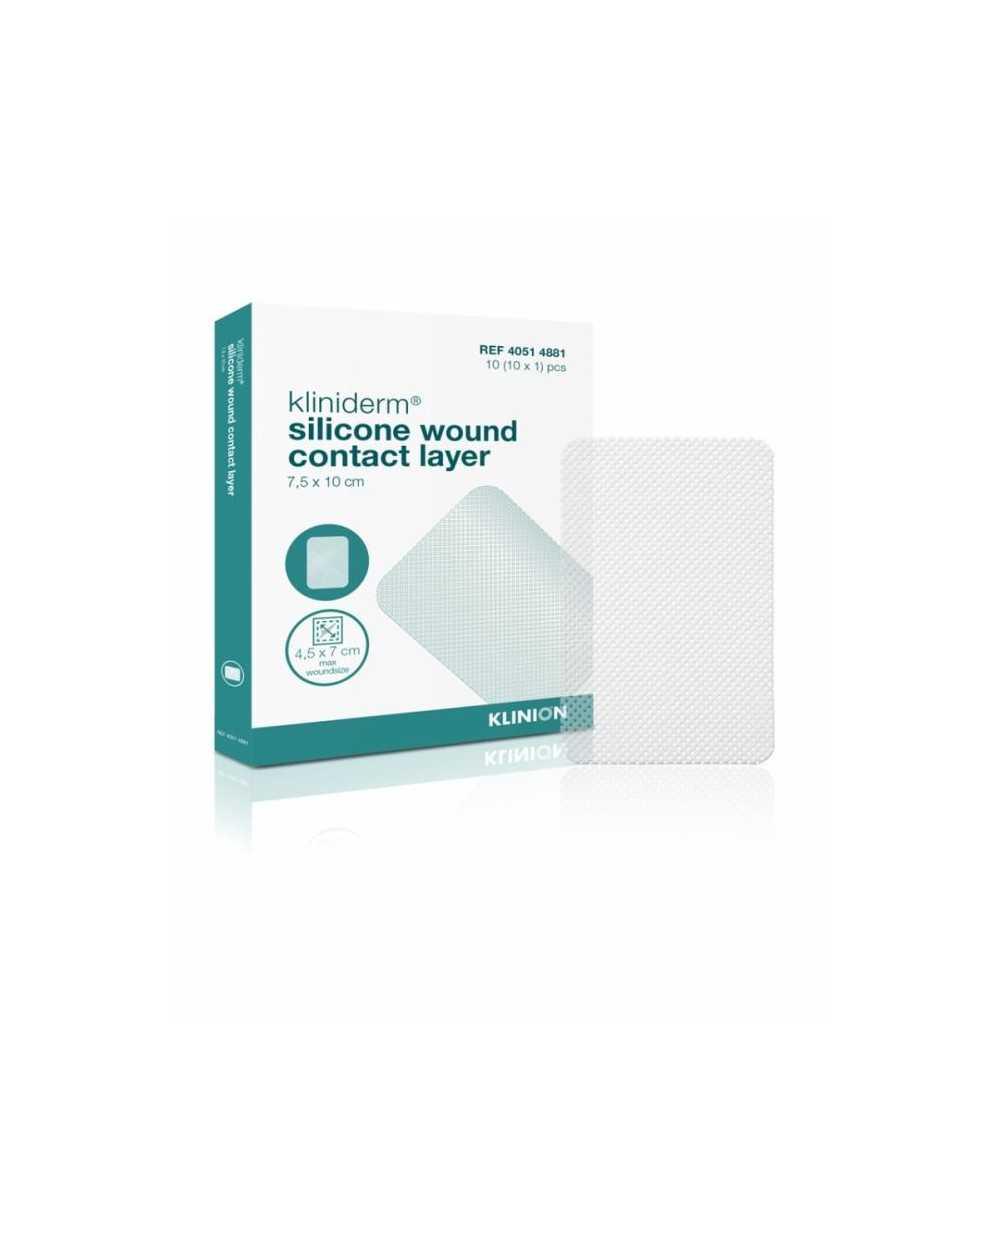 Kliniderm Silicone Wound Contact Layer, 7,5 x 10 cm, stérile. Boîte de 10